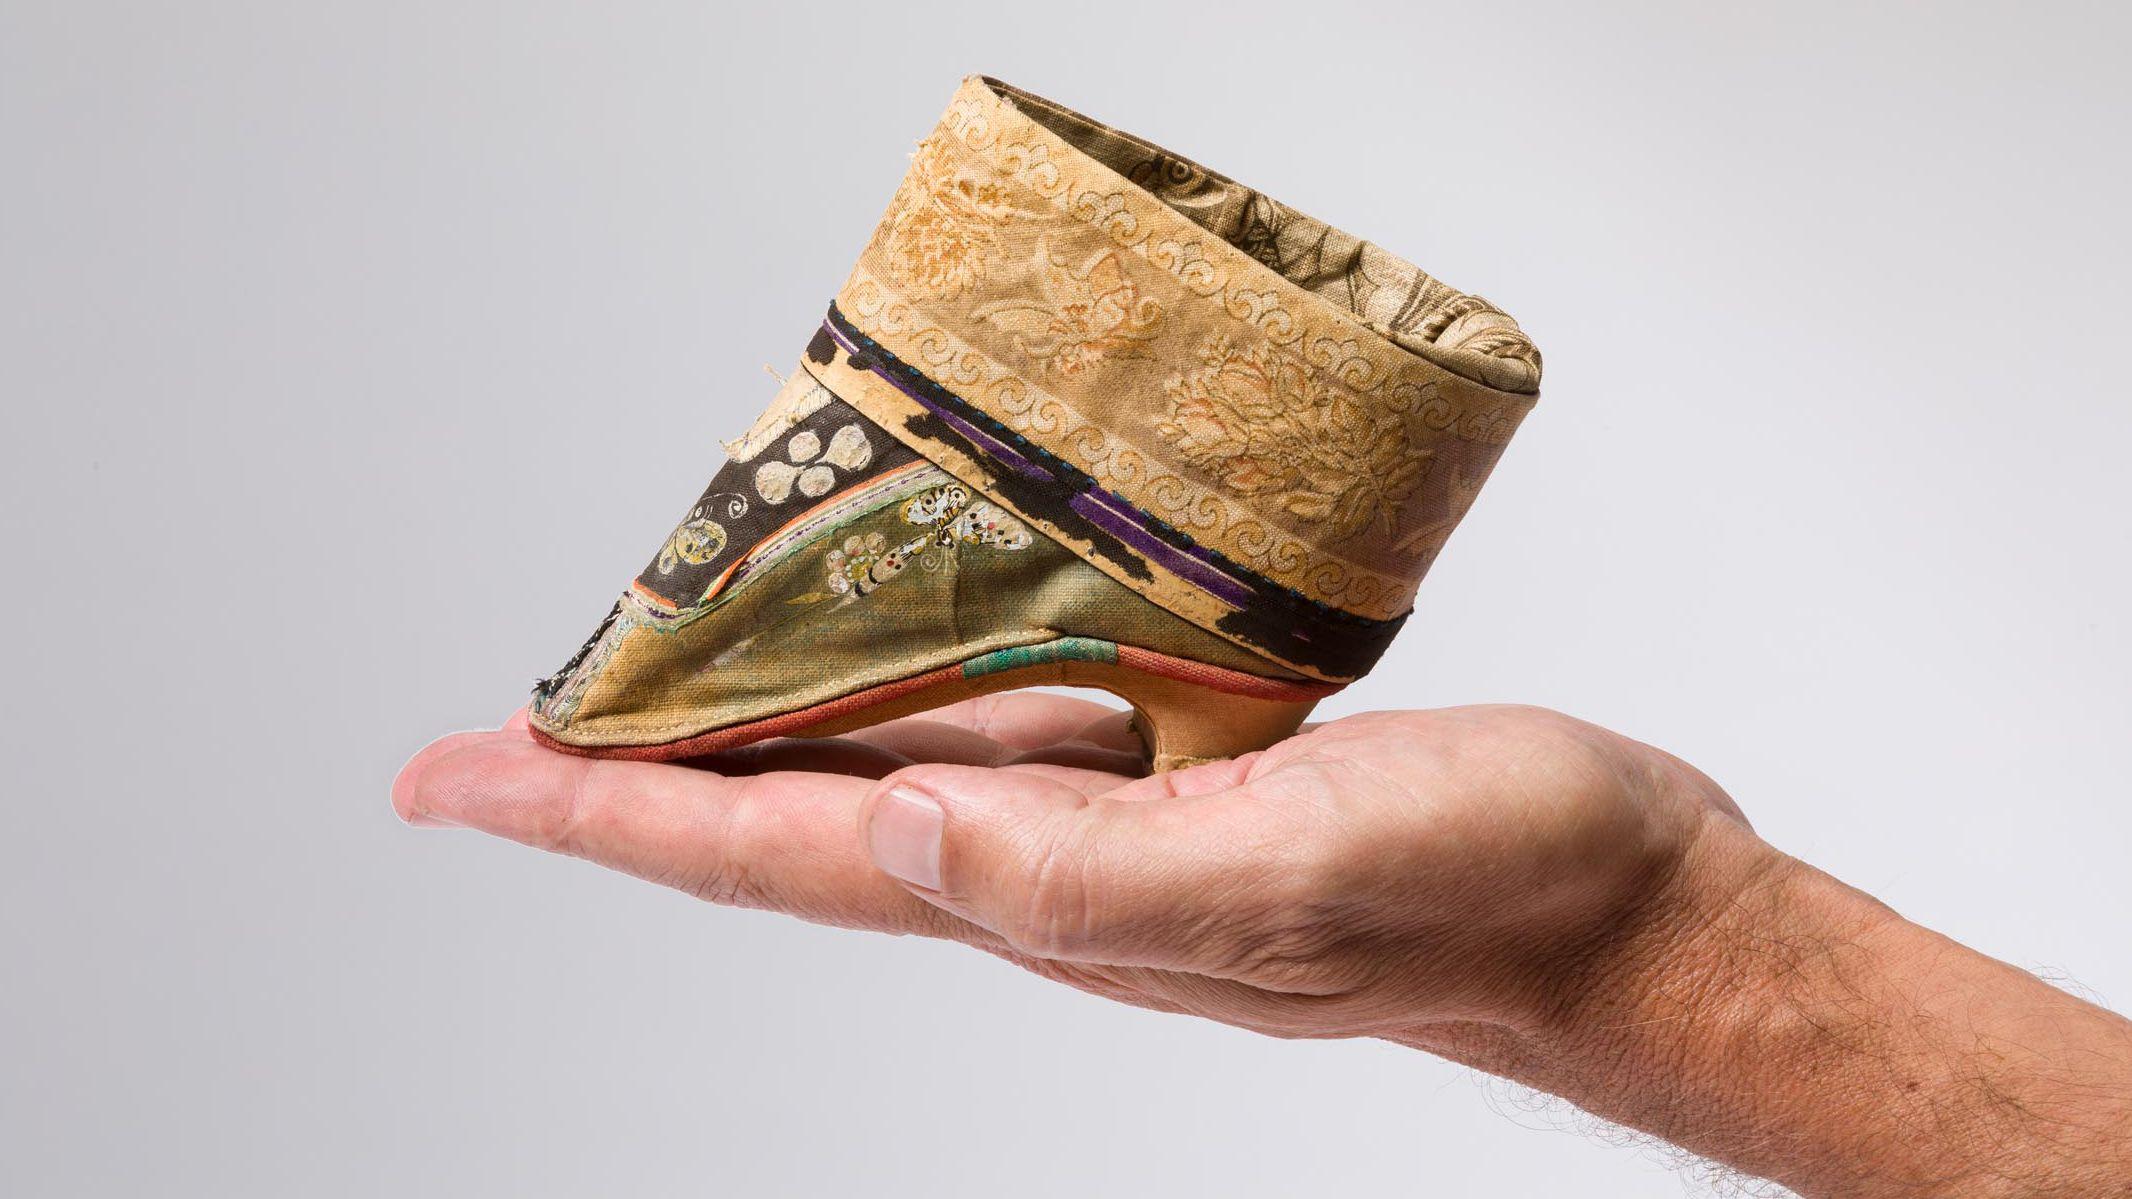 Für gebundene und geschundene Füße: Kinderhandgroße Schuhe für Lotosfüße, Ende 19. Jahrhundert